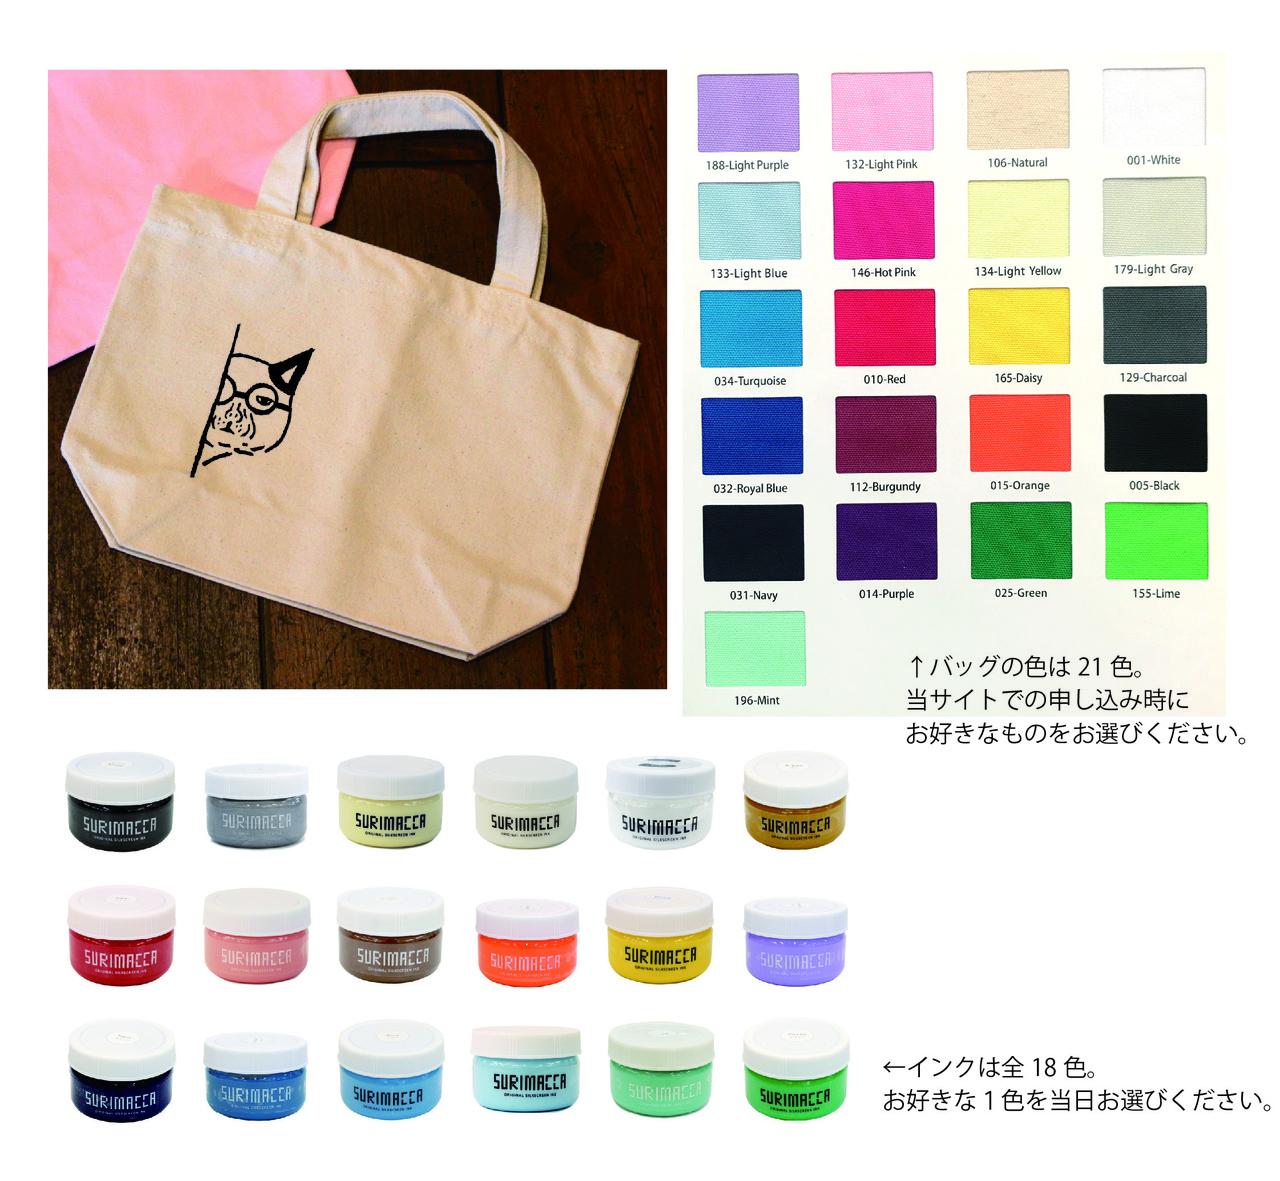 4/14-15 柴田ケイコワークショップ・スリマッカでランチバッグを作ろう!(柄:めがねこ)at EDiTORS